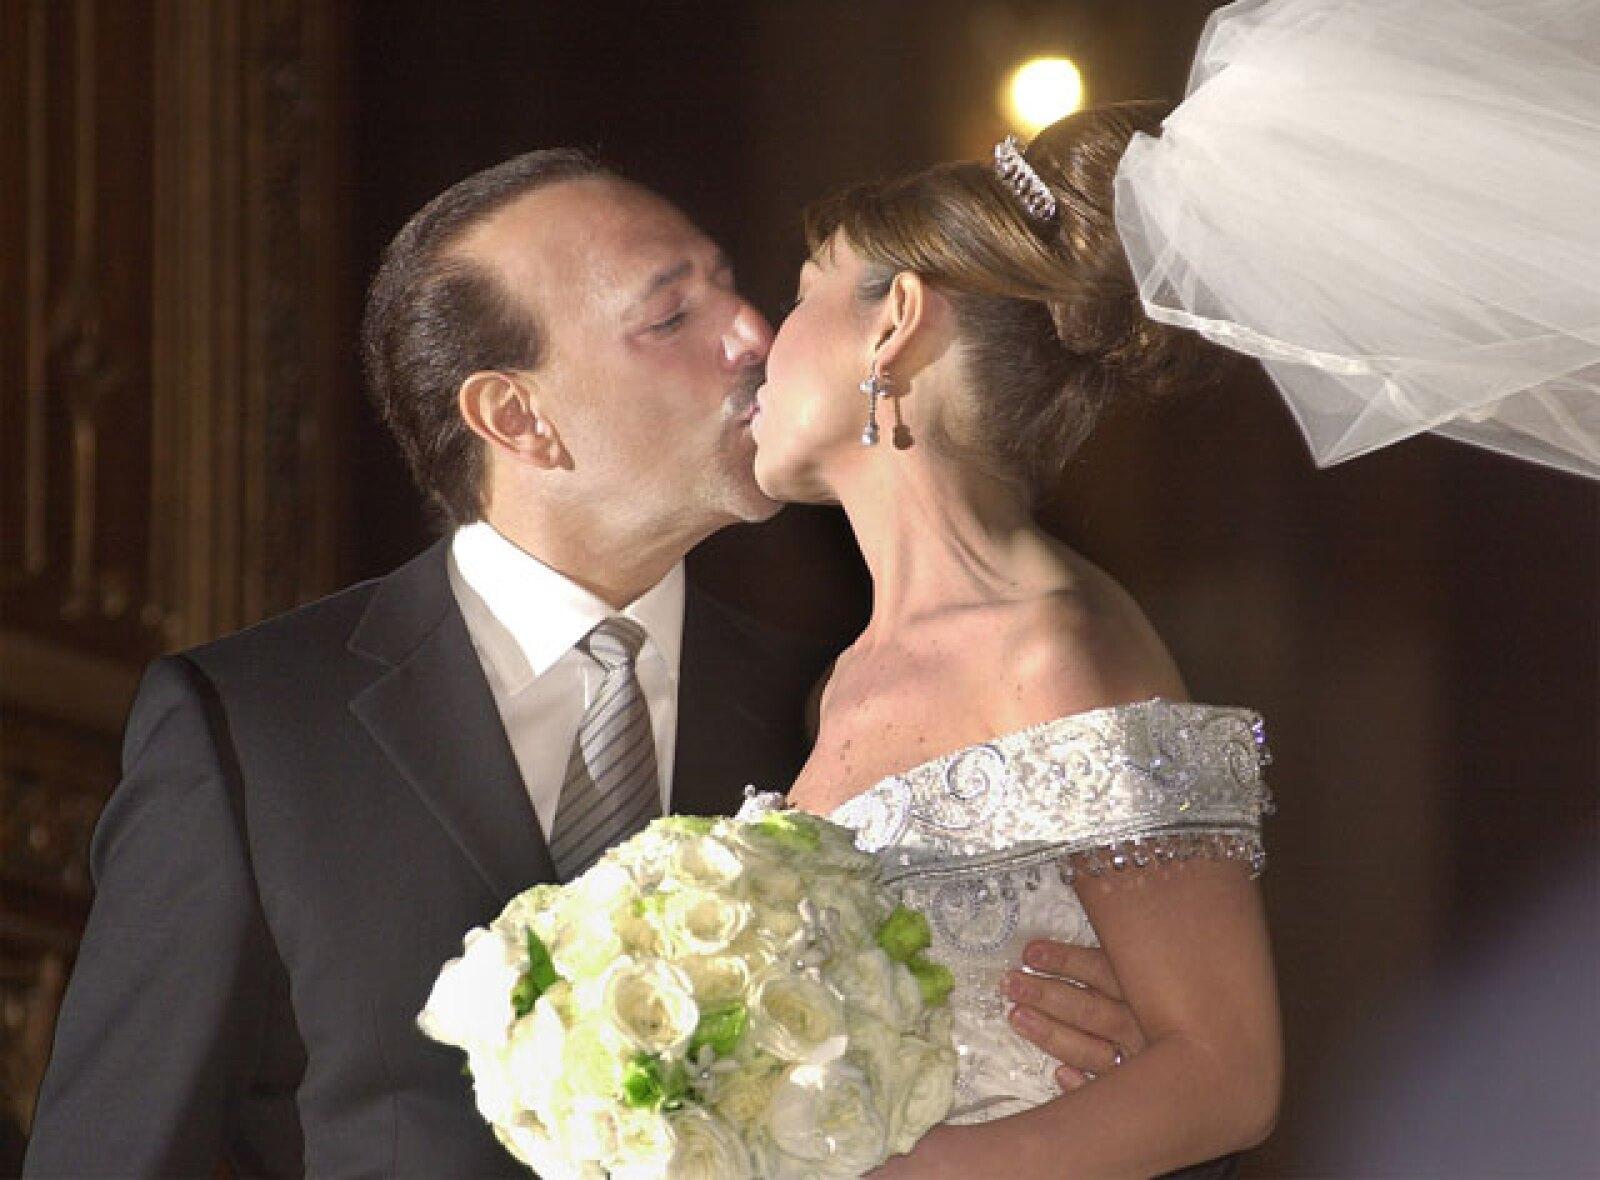 Sin duda fue una boda de ensueño, donde Thalía vio reflejado su sueño de casarse con el amor de su vida.